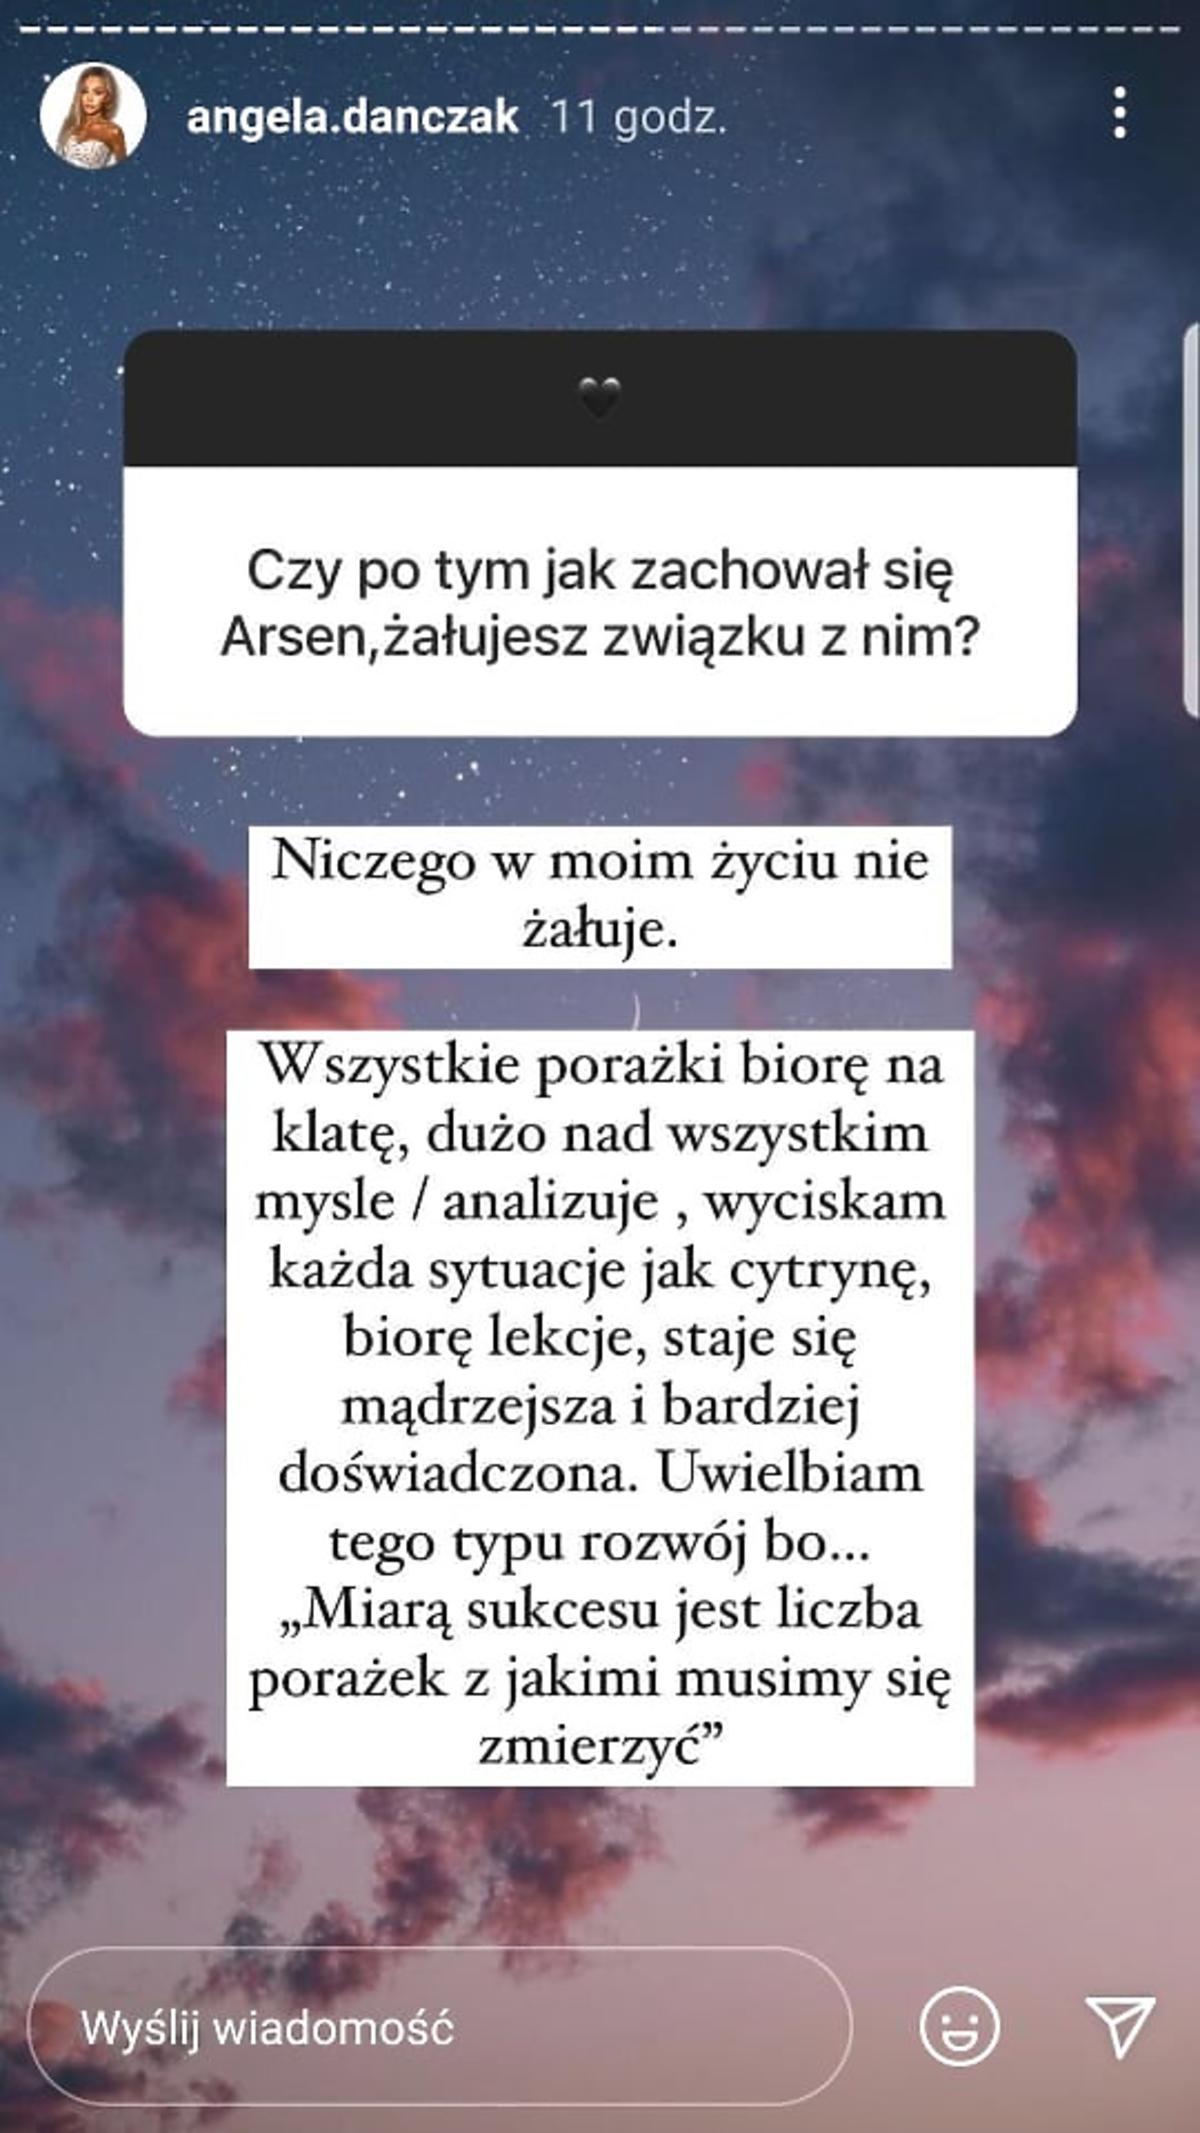 Angela z